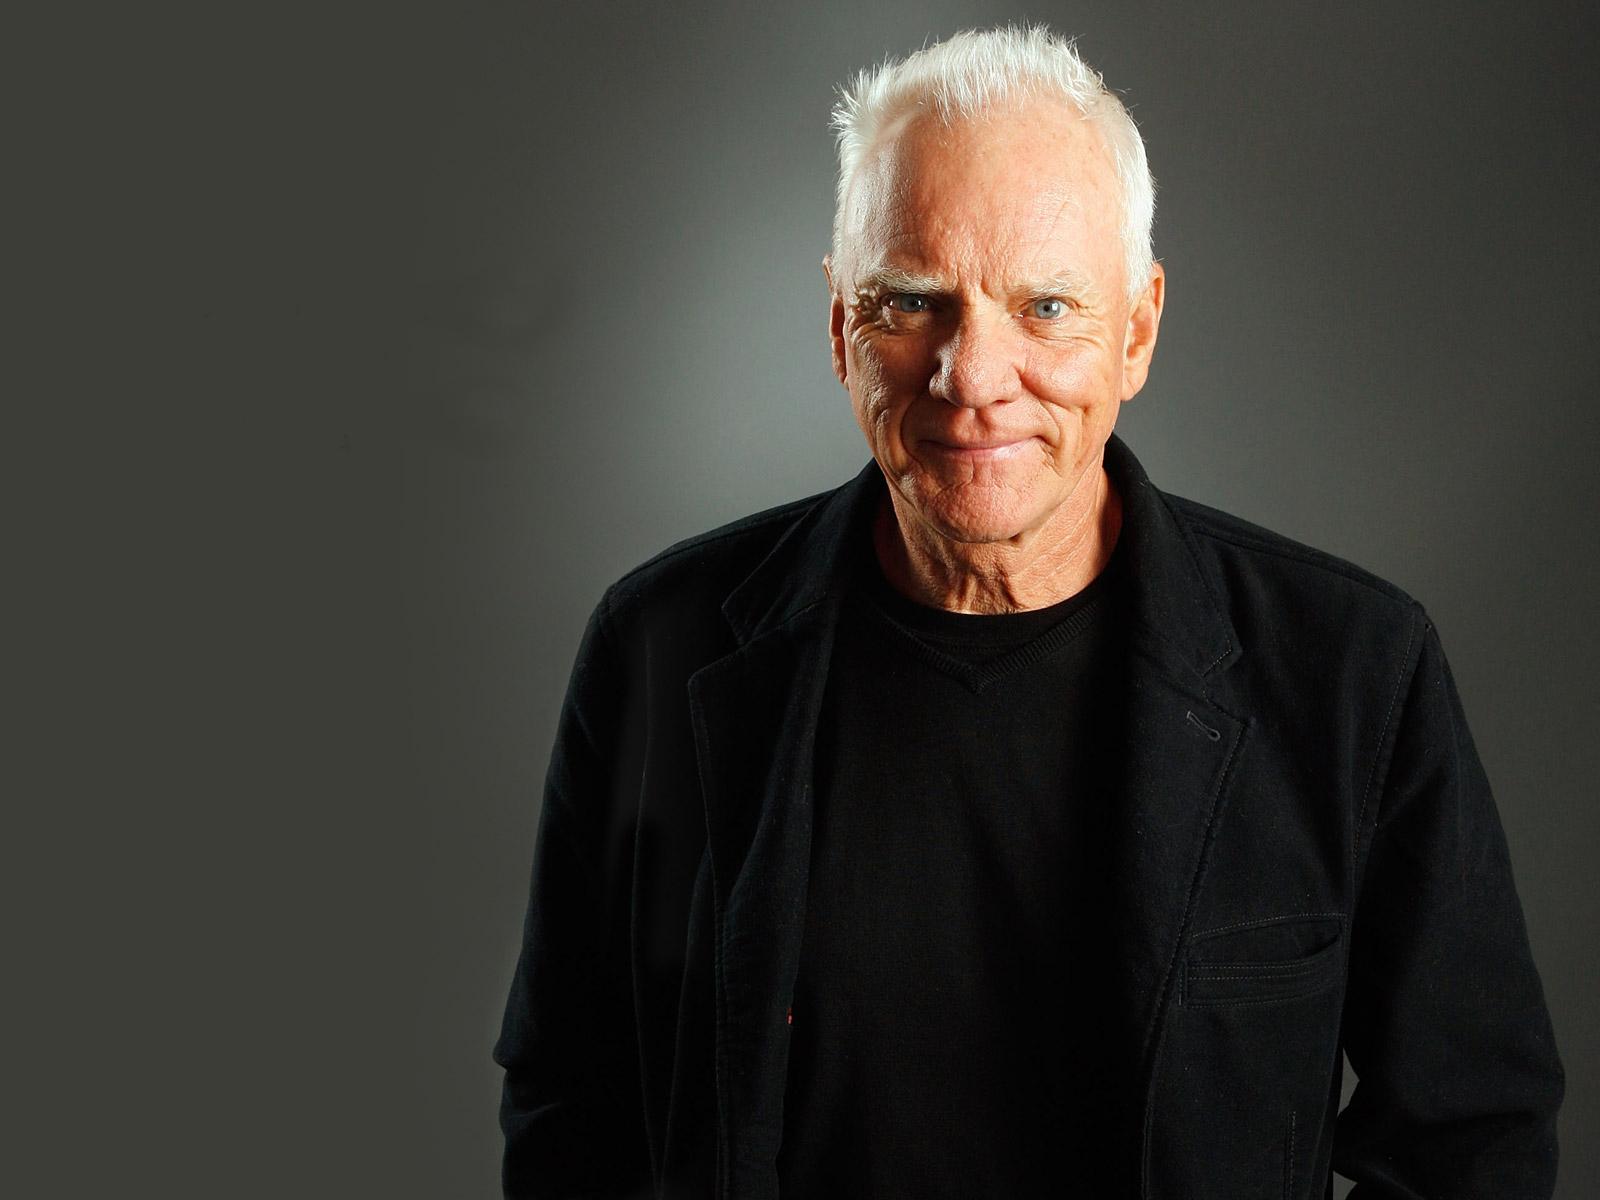 foto Malcolm McDowell (born 1943)